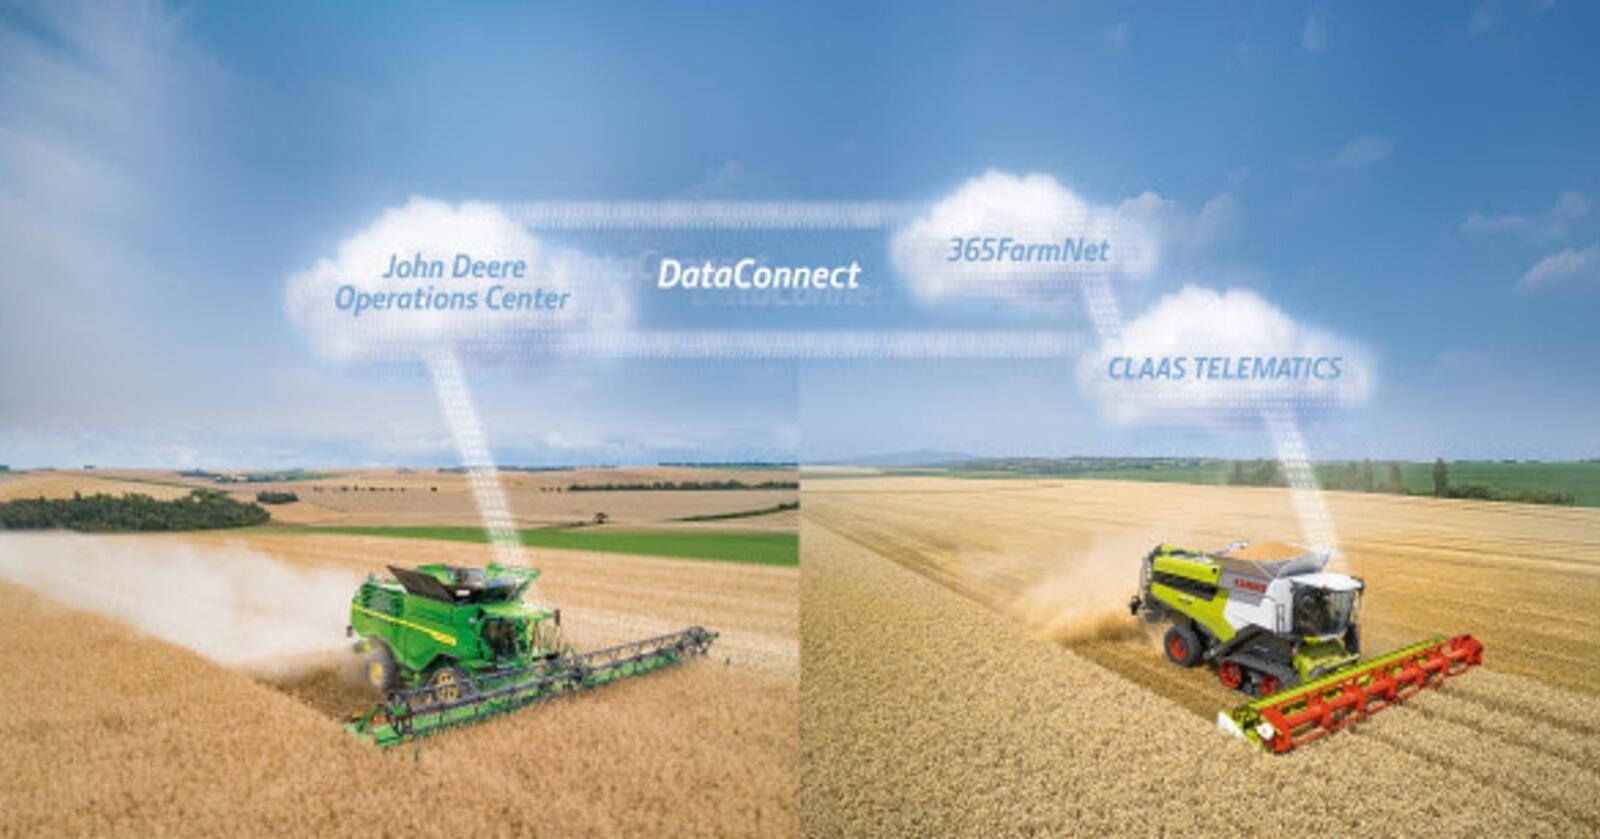 SAMMEN: Et ny tjeneste gjør det mulig å få oversikt over maskinflåten selv om den består av ulike merker, men i første omgang gjelder det Claas, John Deere og 365FarmNet. Illustrasjon: Produsenten